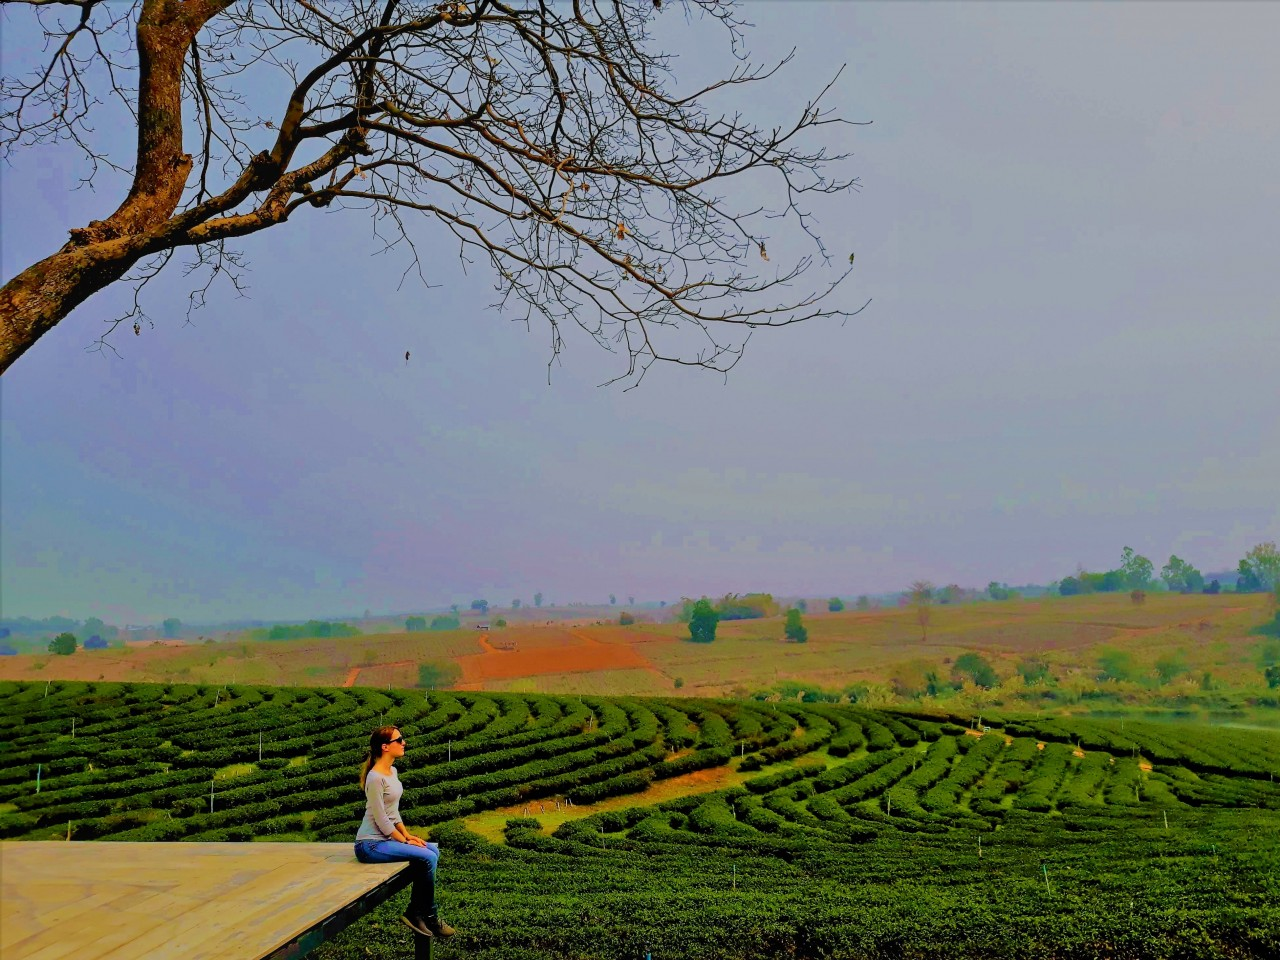 Anna Bondareva, Destination Manager de Civitatis, sentada junto a las extensas plantaciones de té de Tailandia.